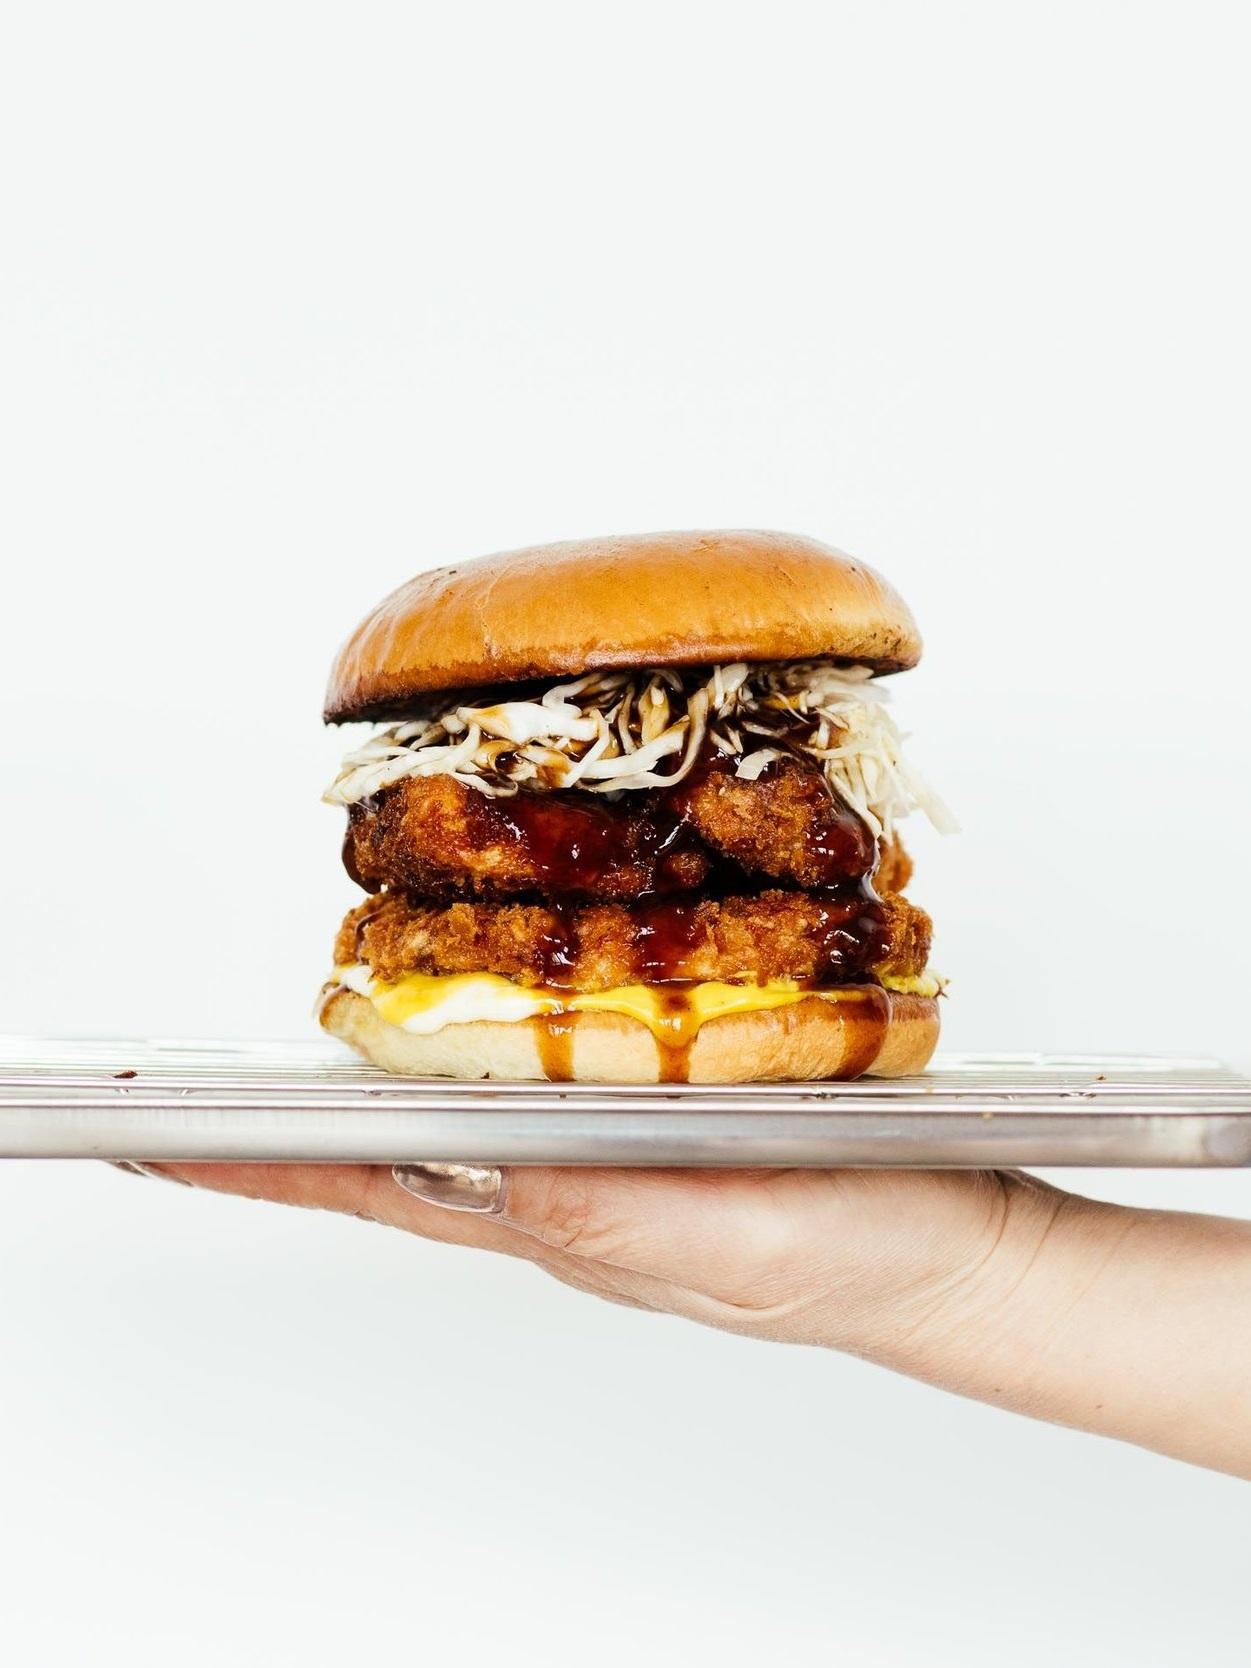 tonkatsu burger